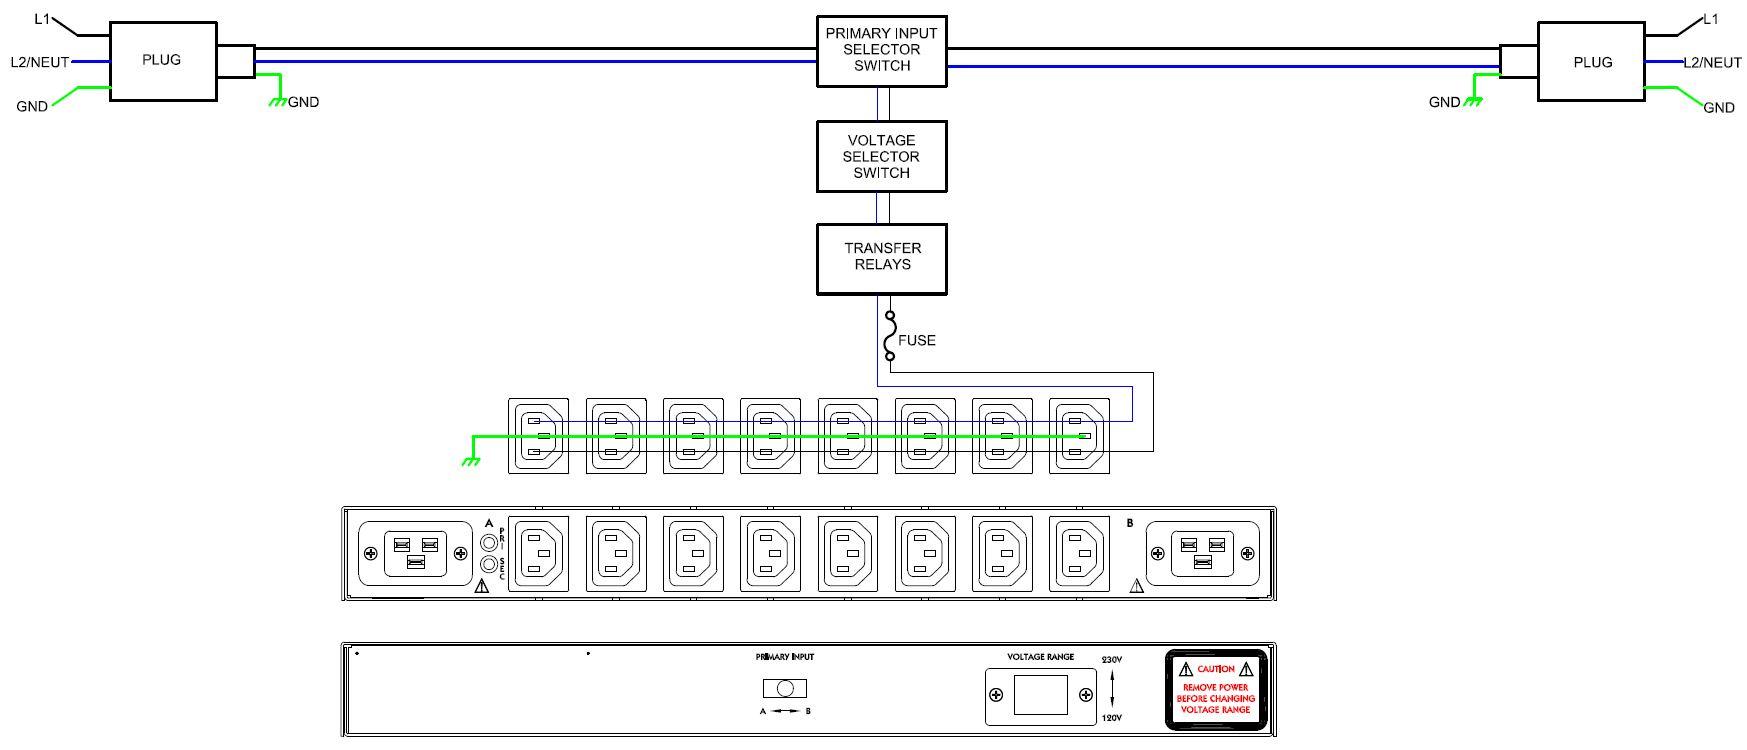 ptts-h008-0-02m-servertech-fail-safe-transfer-switch-8-ports-diagramm